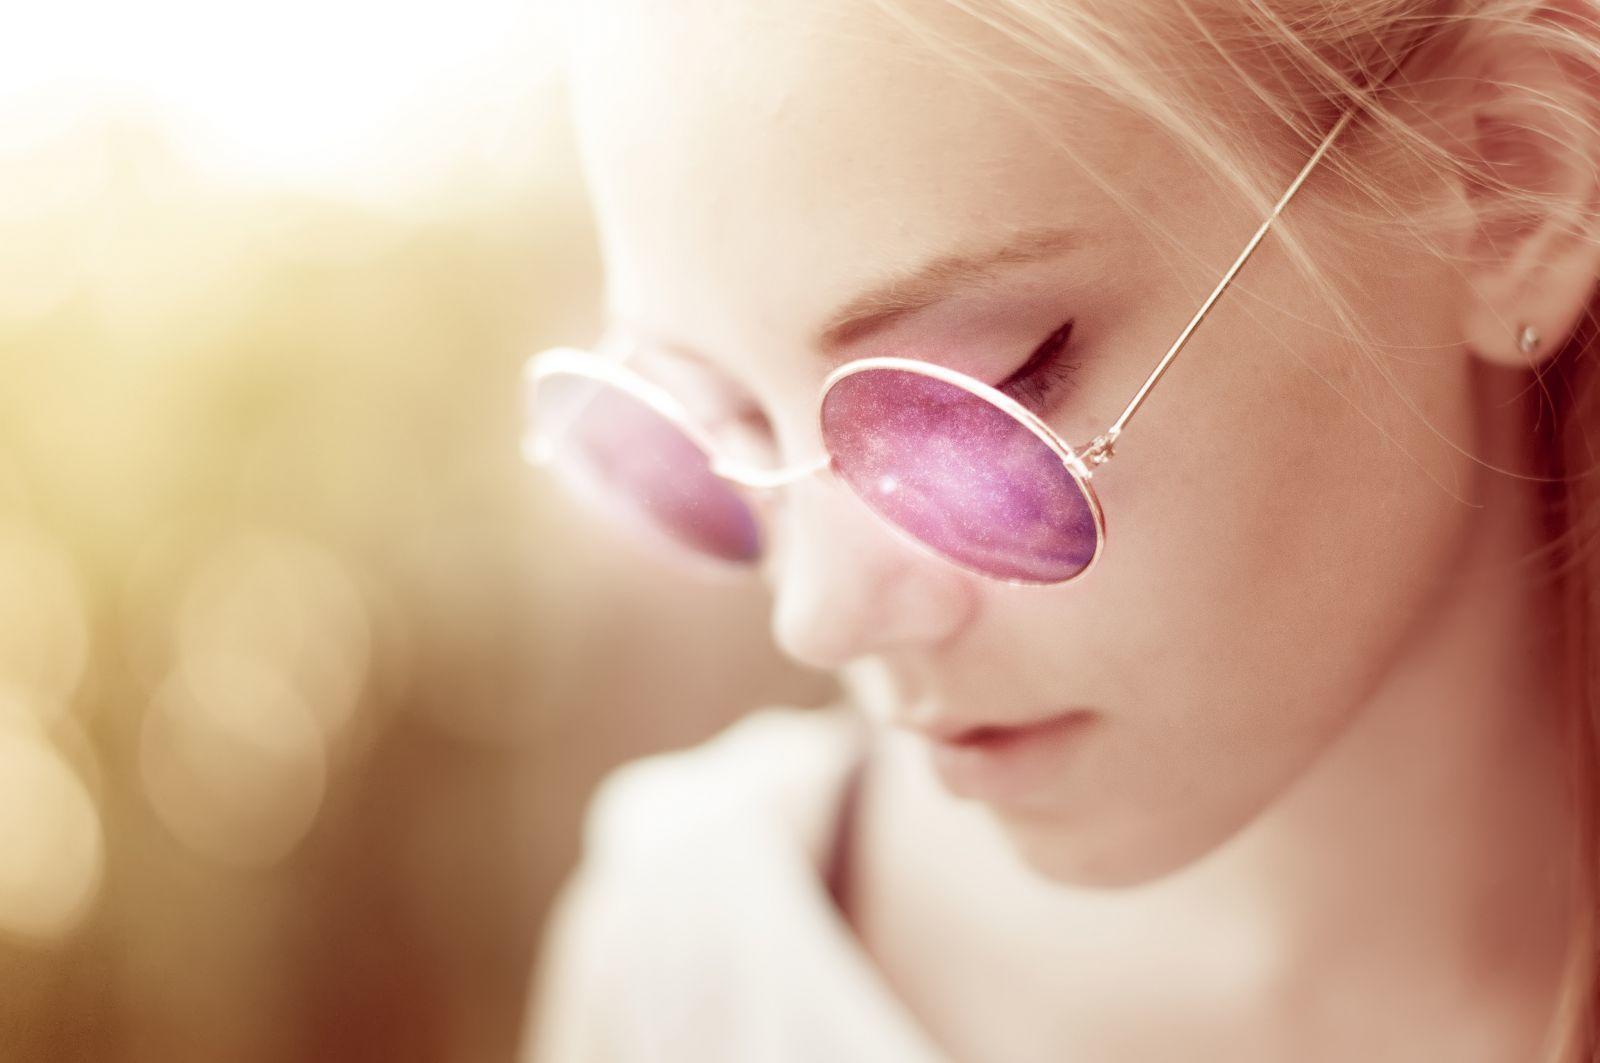 Prečo polarizované slnečné okuliare?